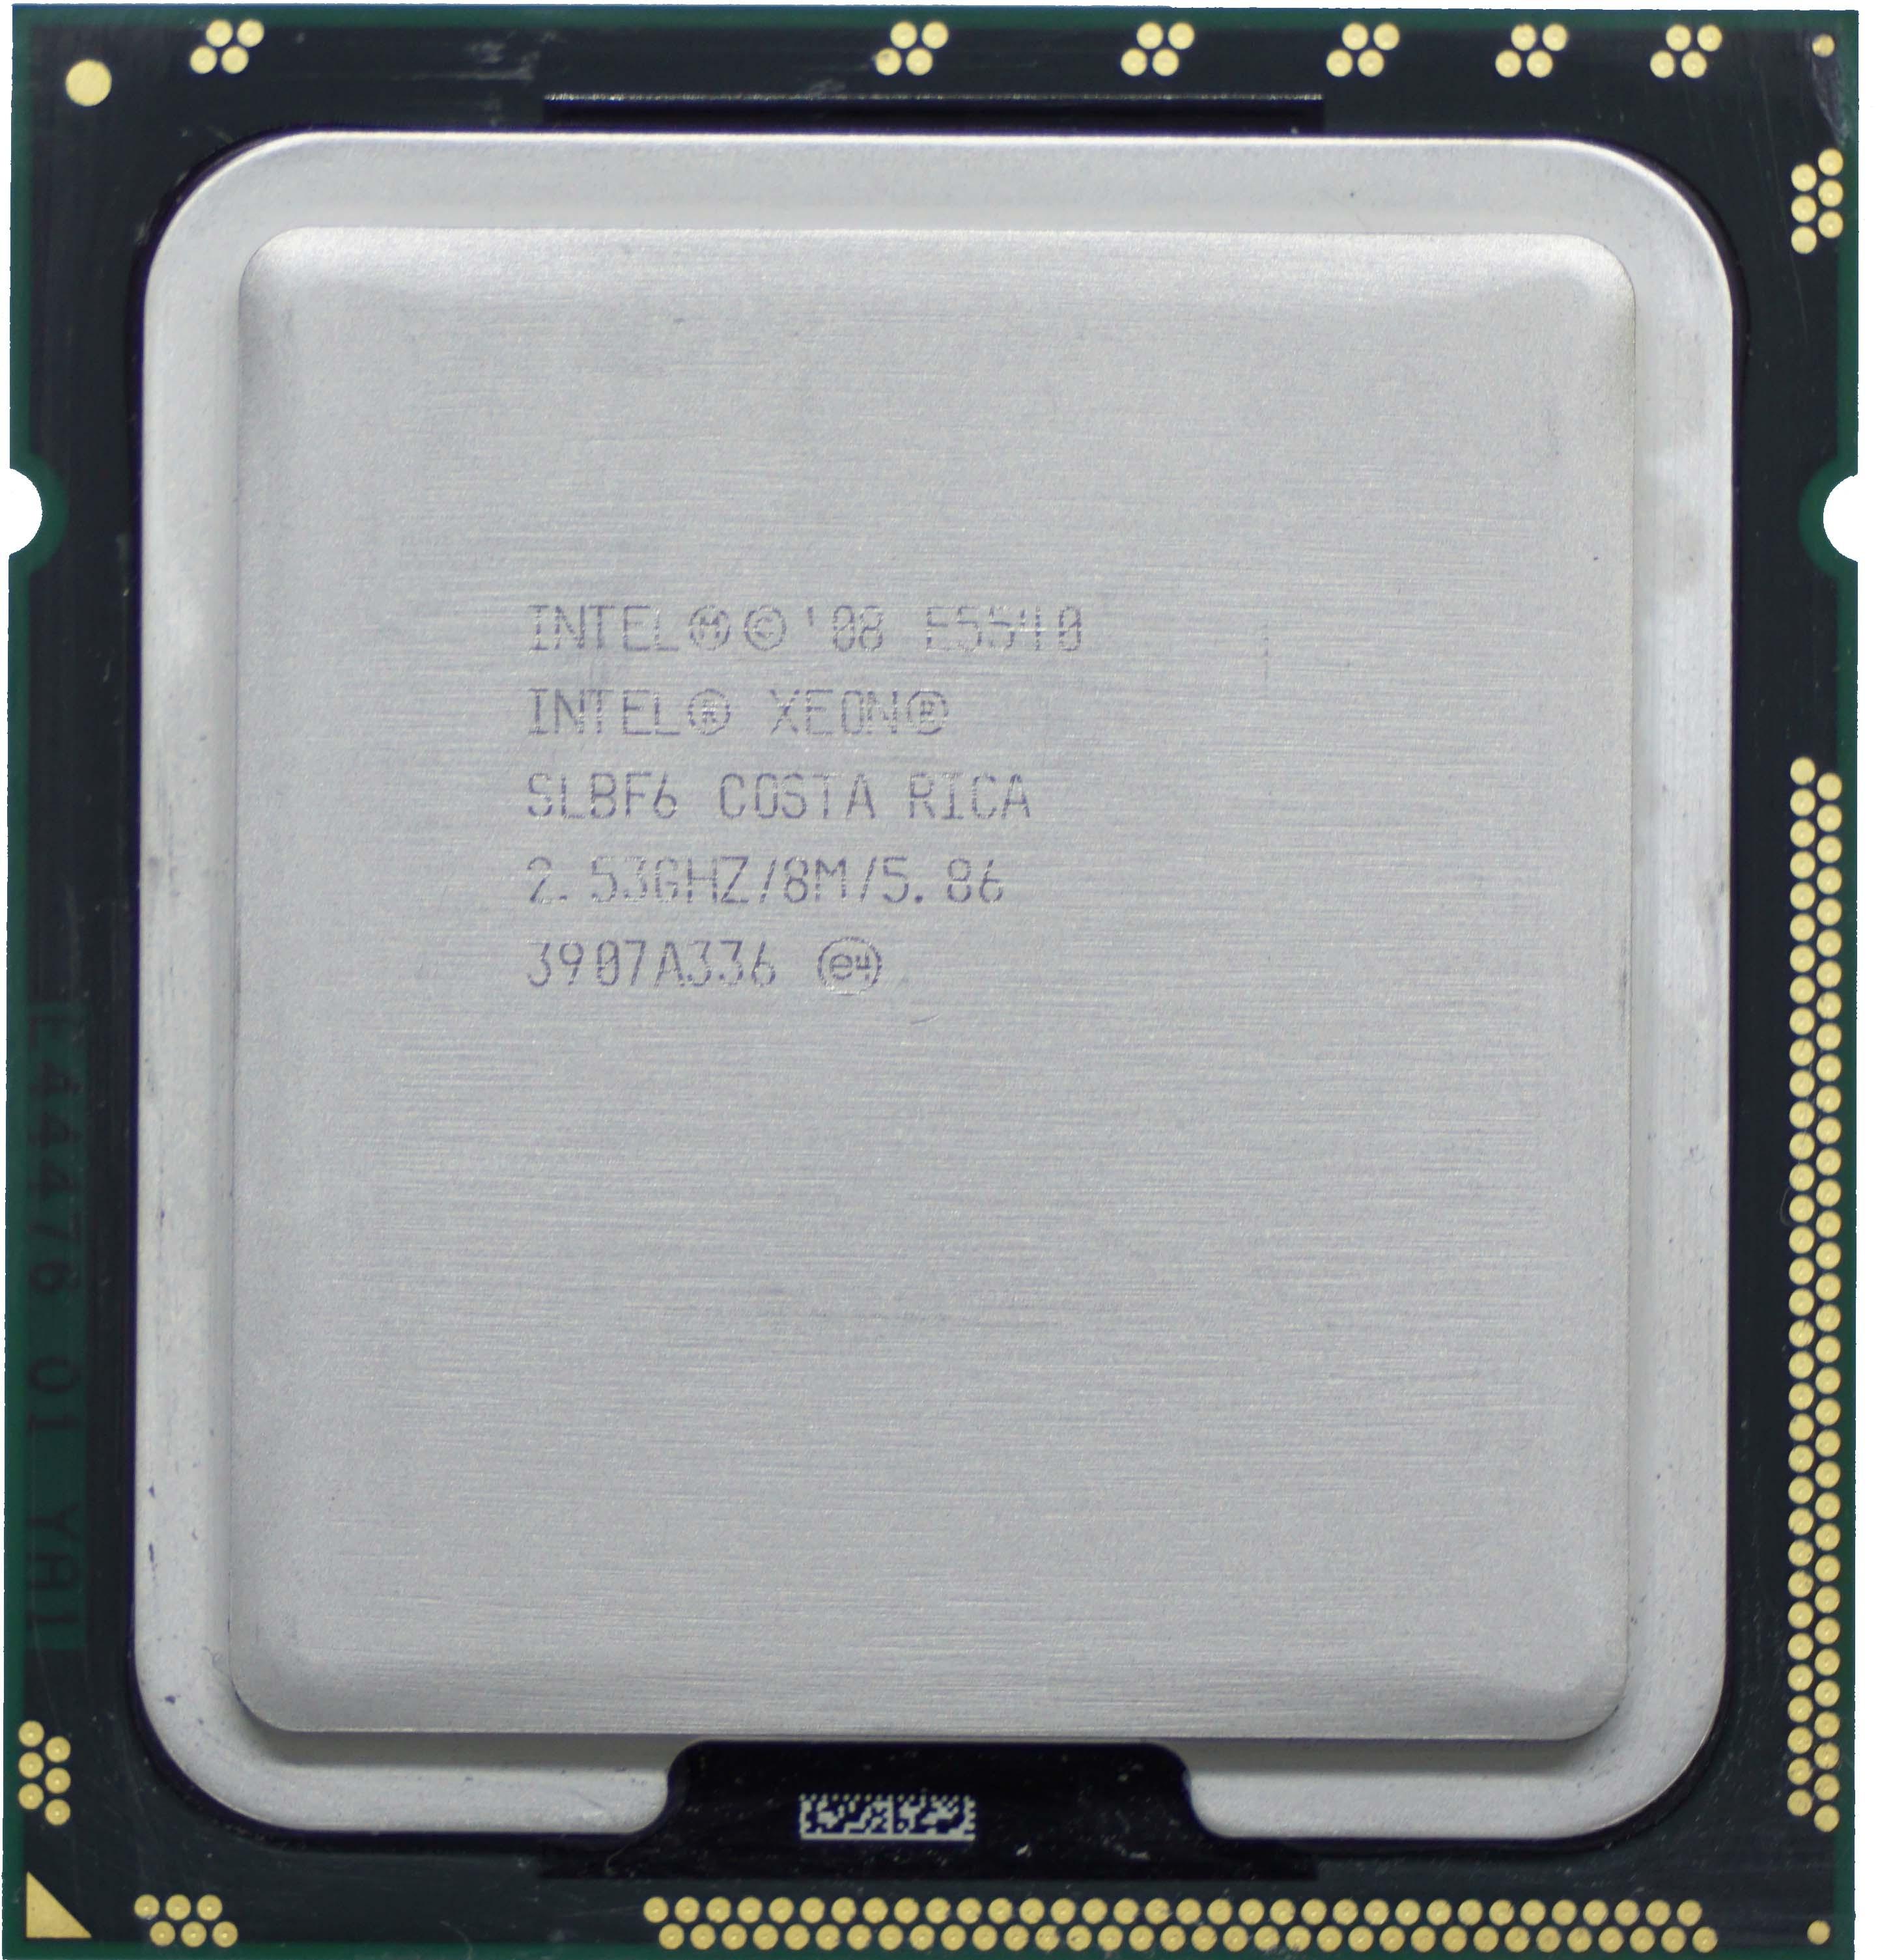 Premium USB OTG Adapter Cable Cord For iRulu AK306 AK307 AK711 AK712 Tablet/_gm